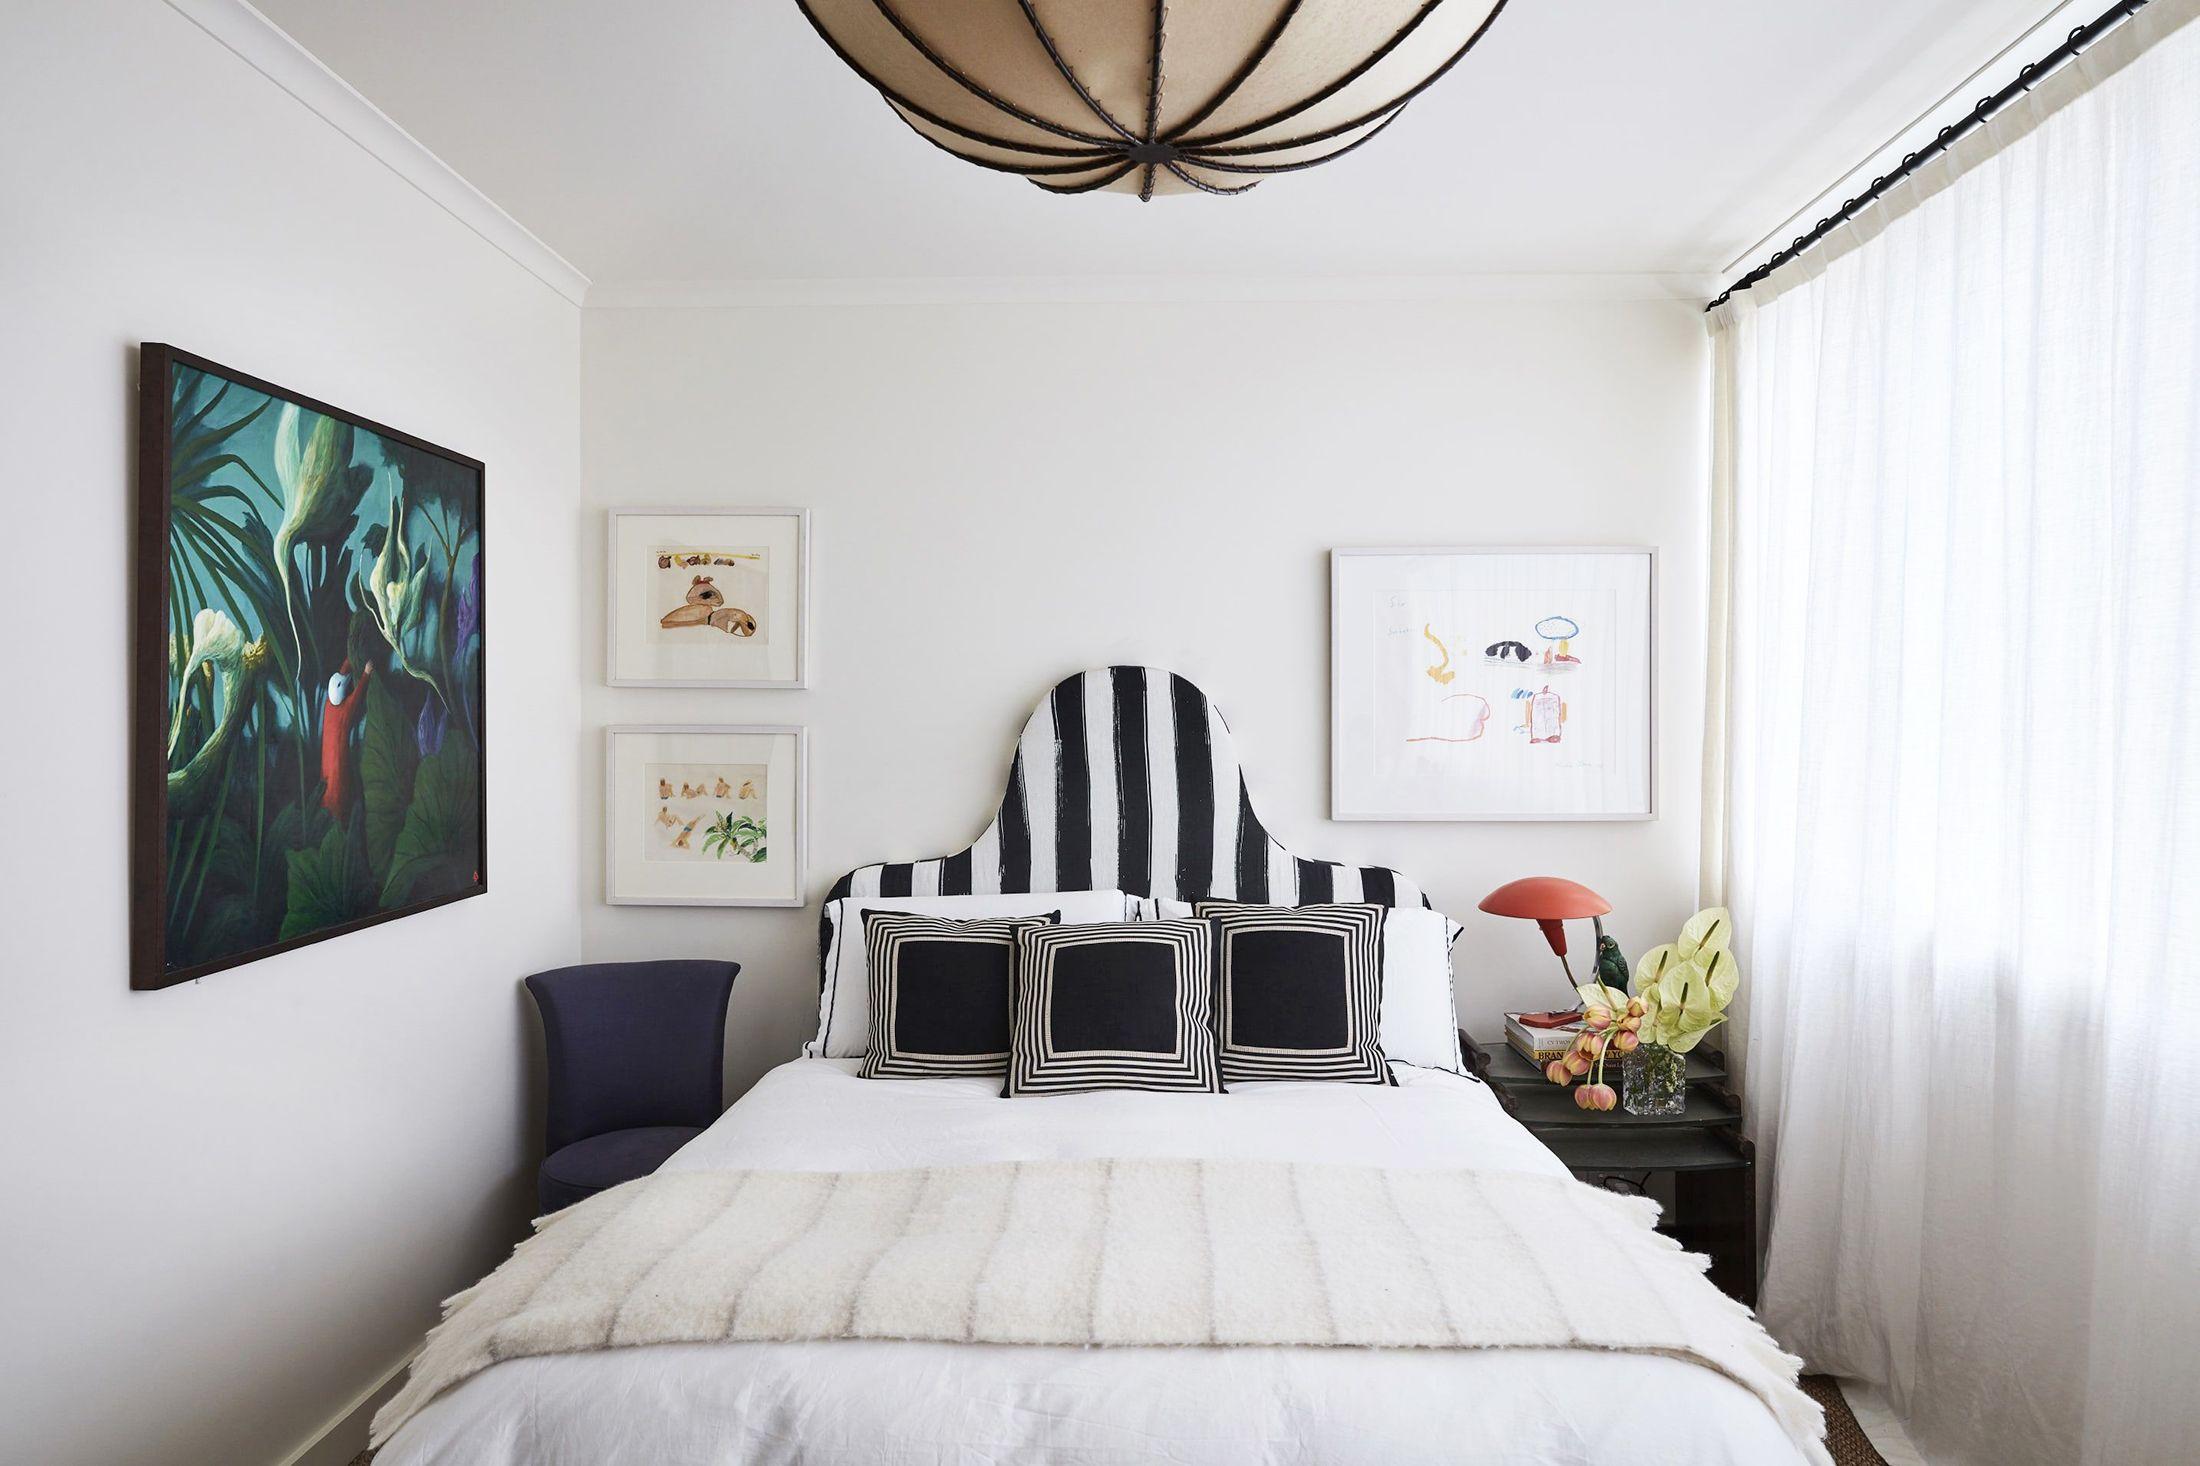 Bedroom Wall Art Ideas